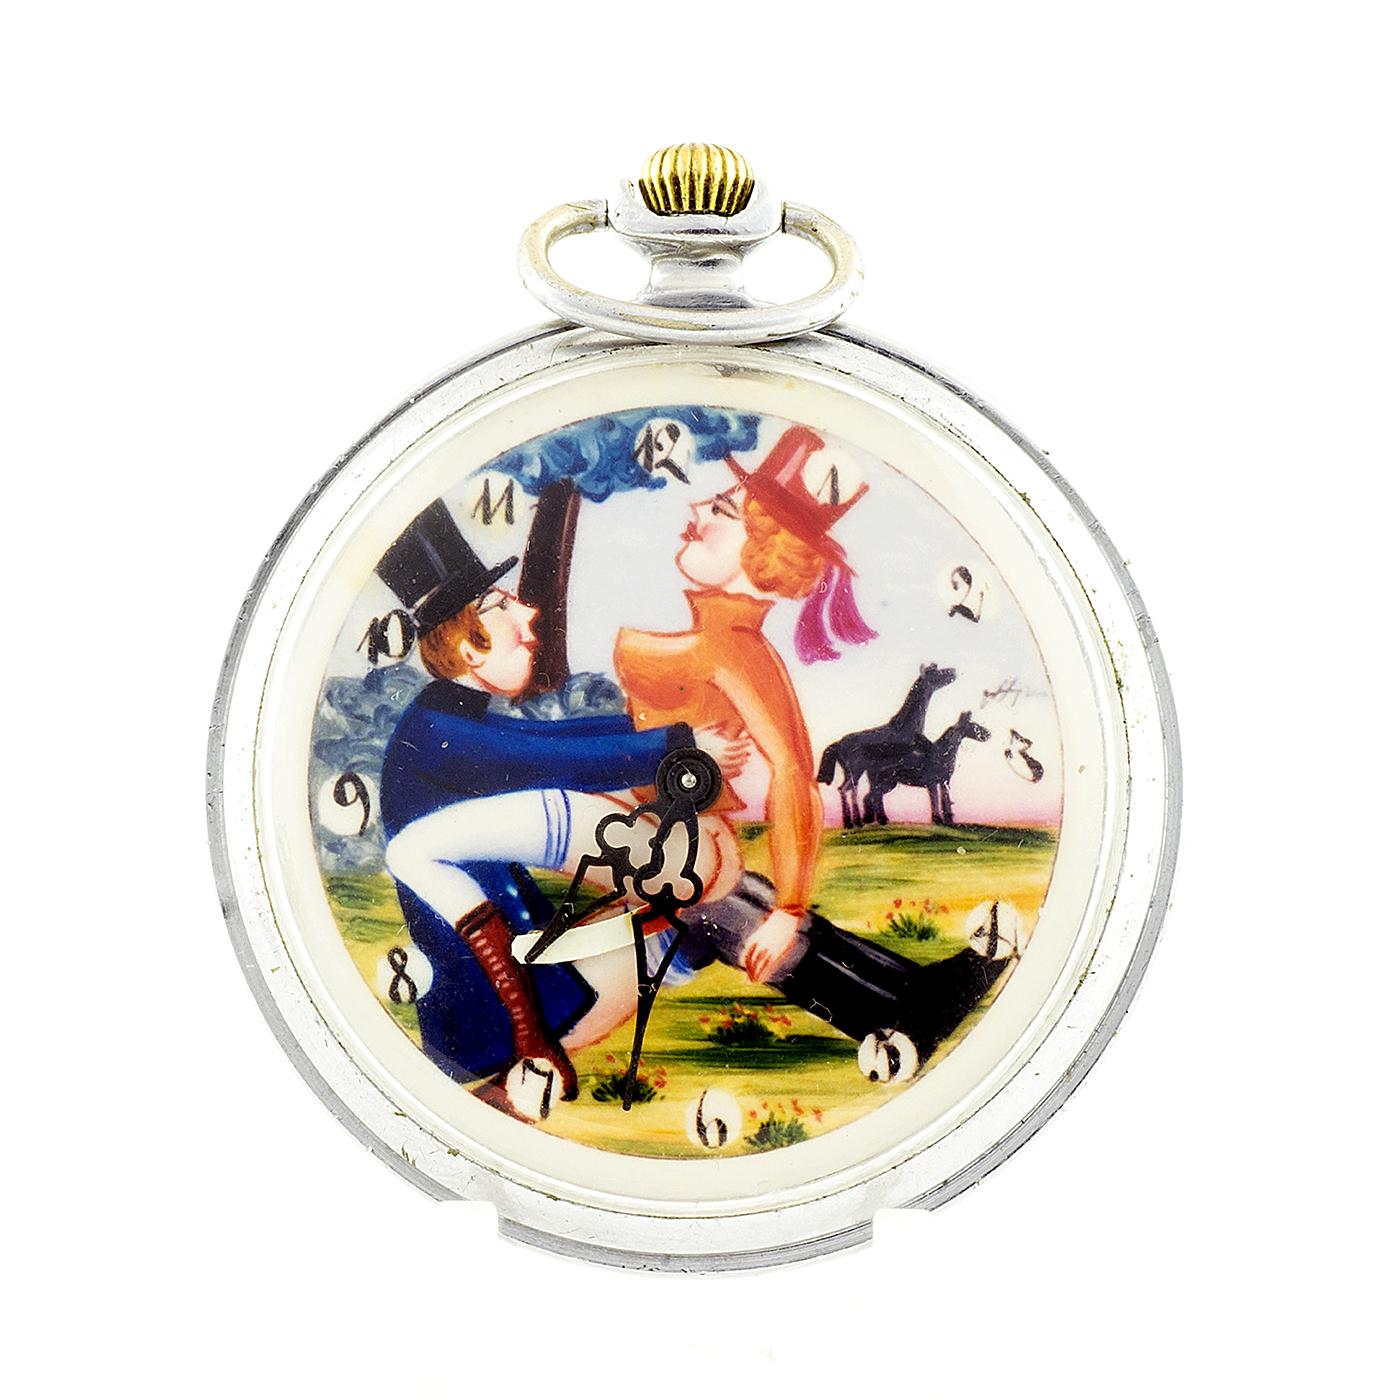 Reloj Suizo Erótico de Bolsillo, lepine y remontoir - AUTOMATÓN. Circa 1900